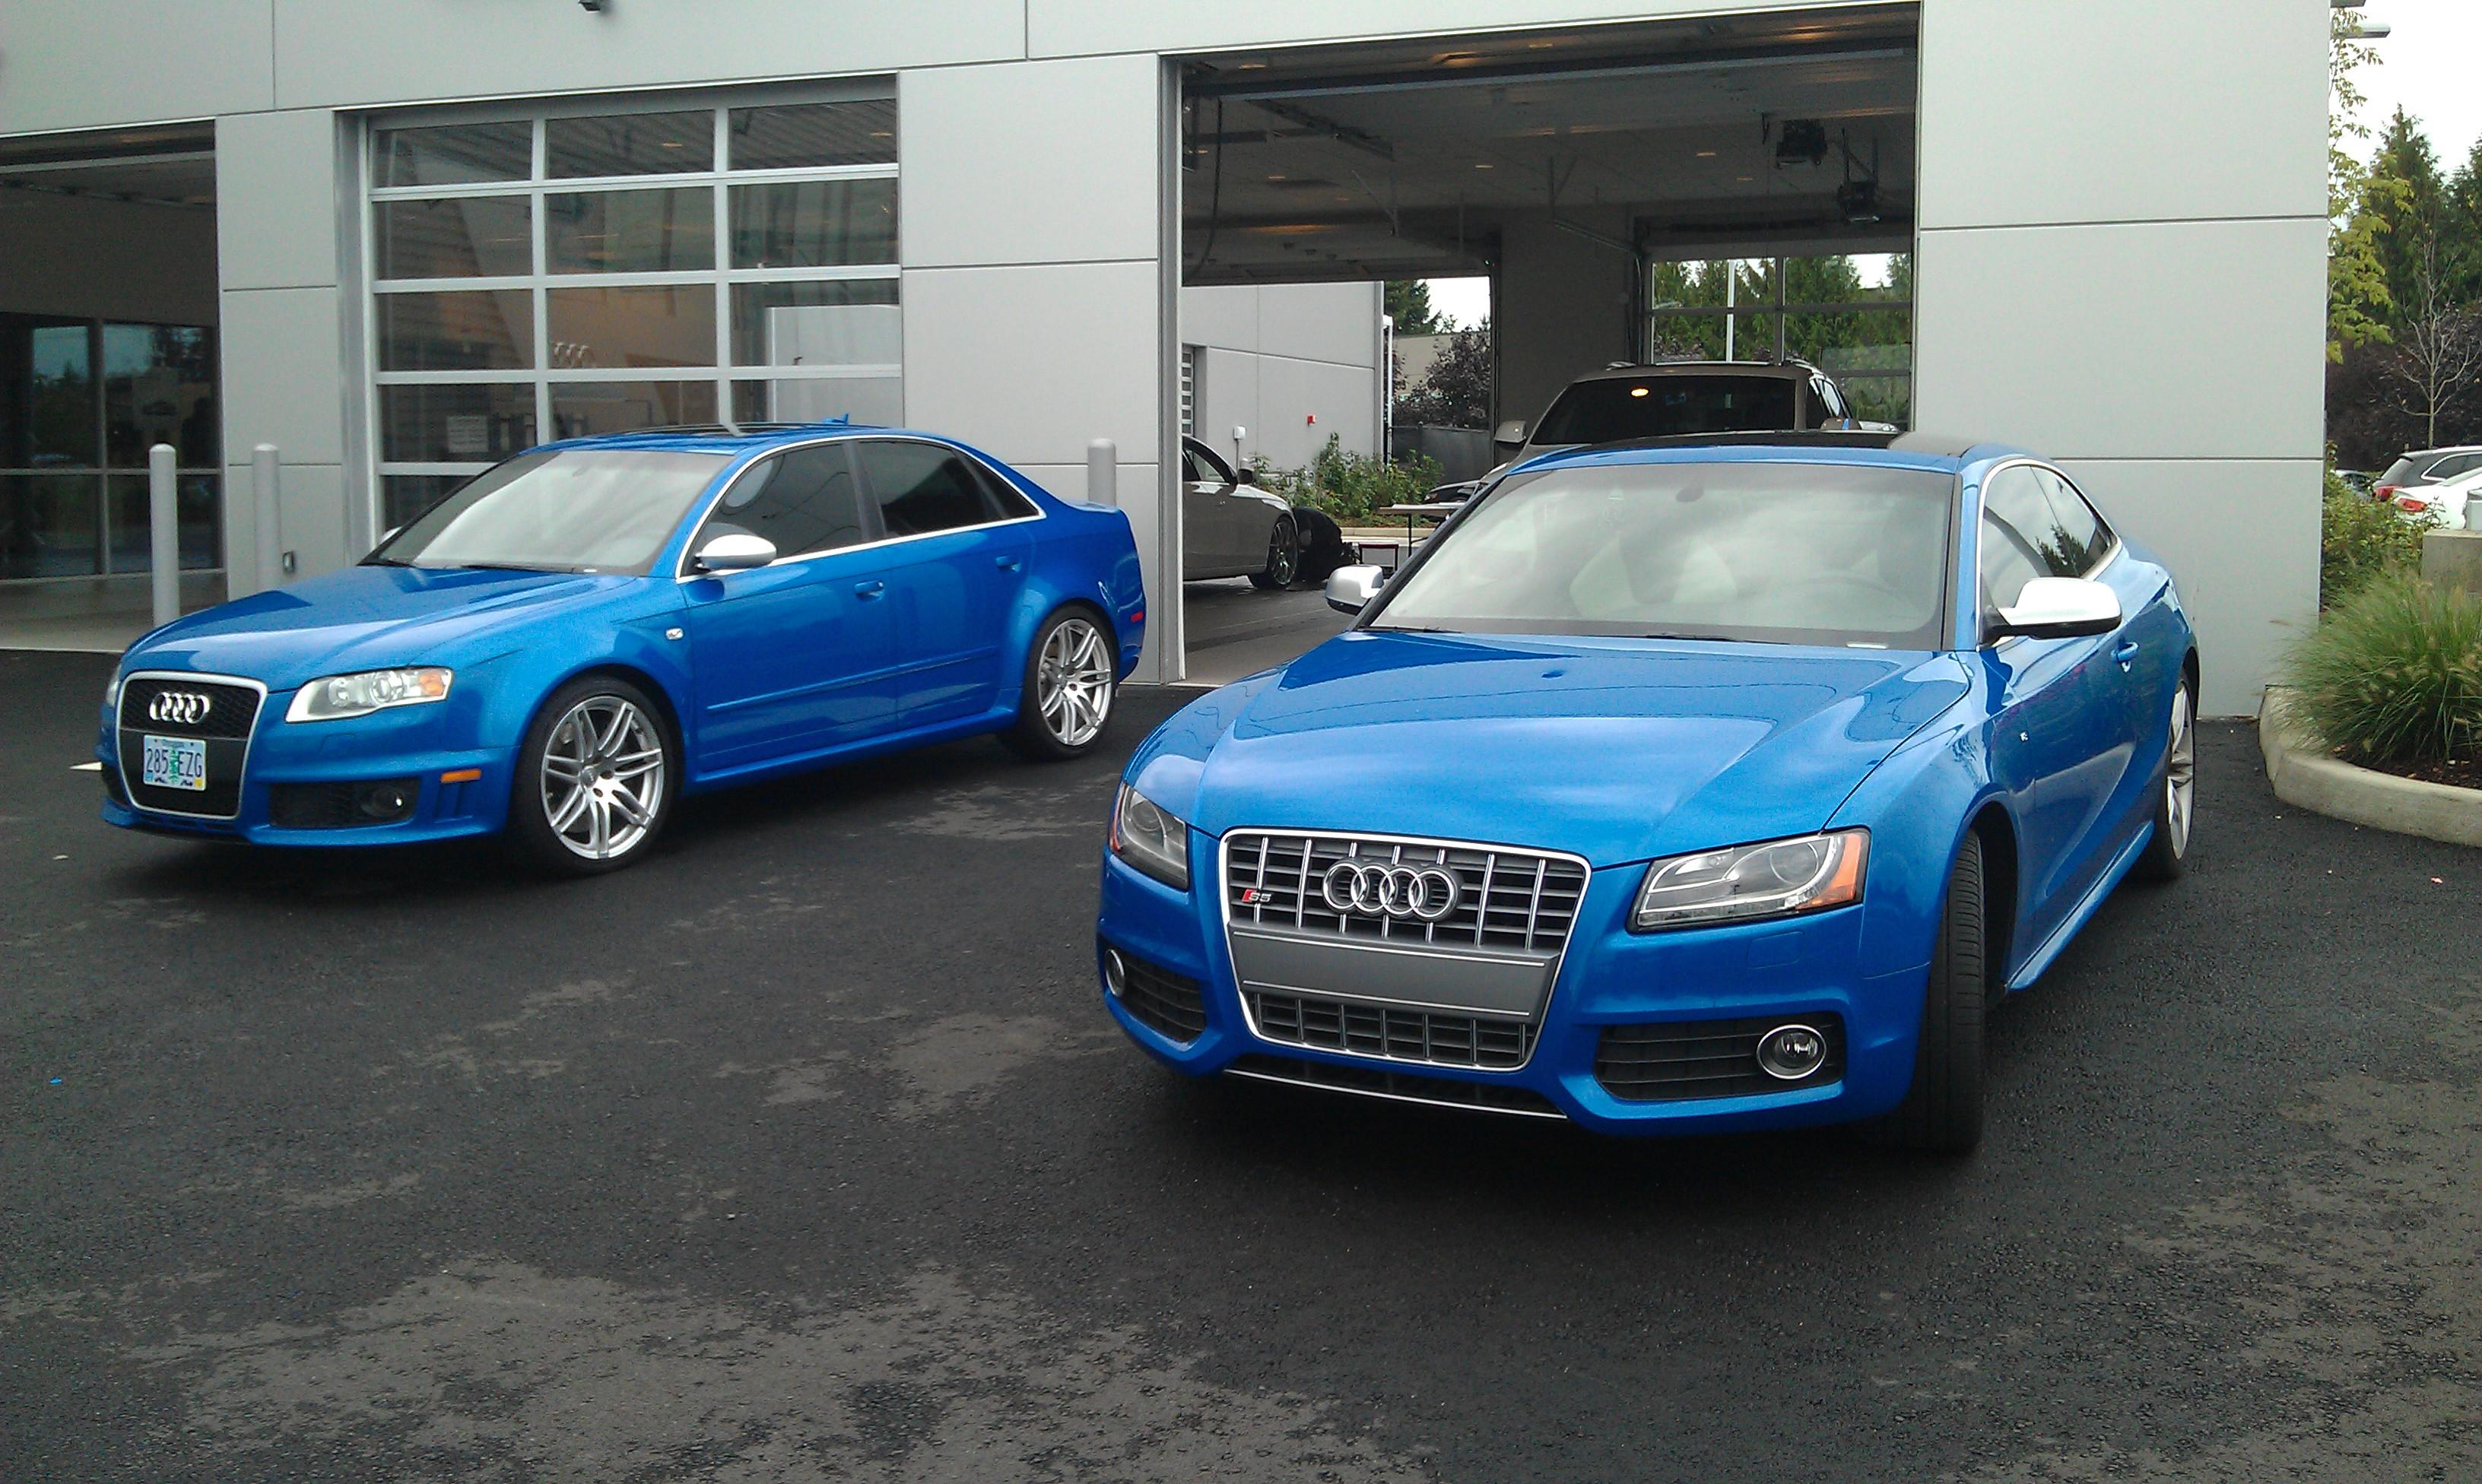 Sprint Blue Siblings